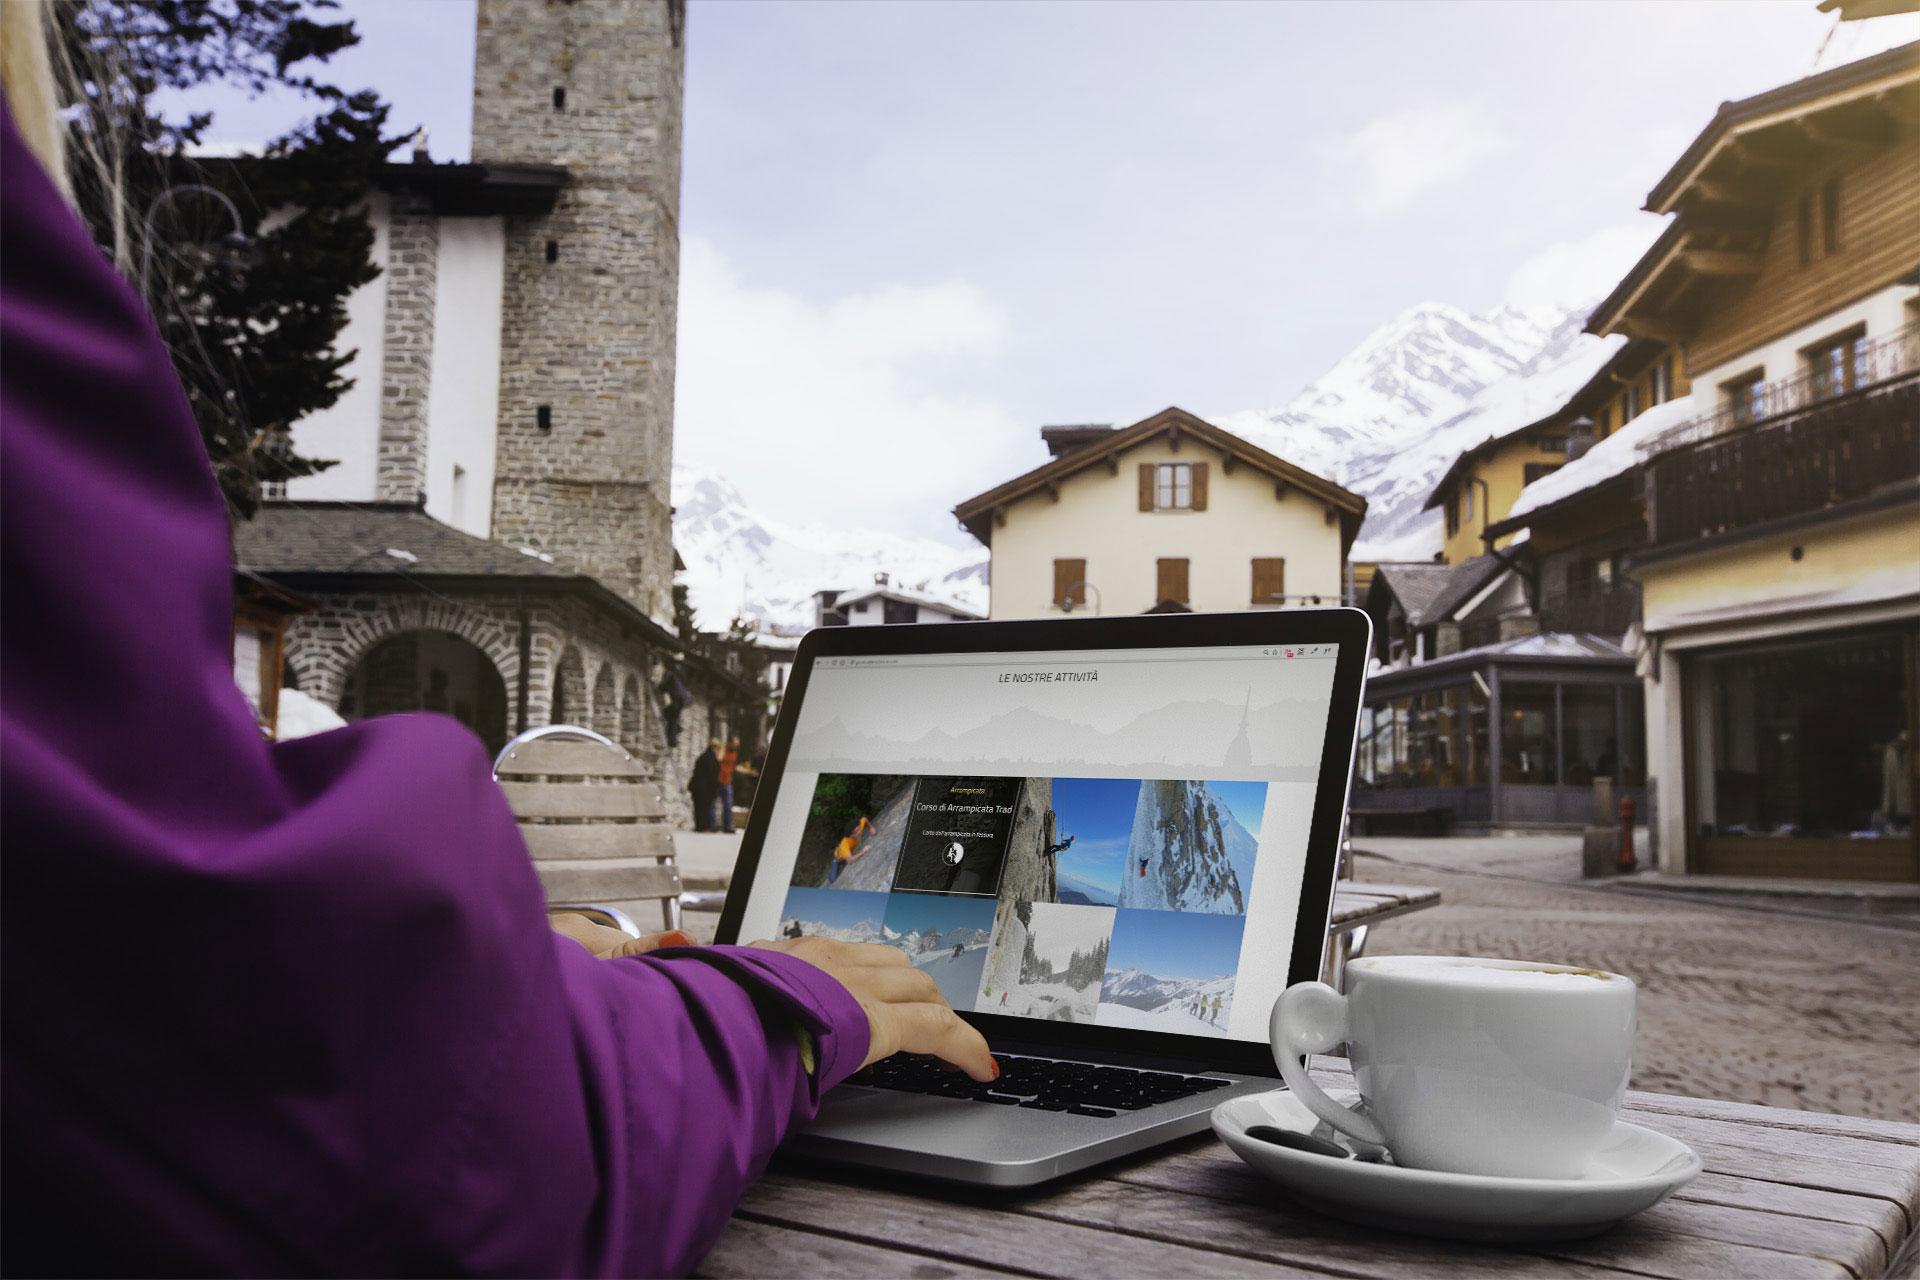 guide alpine torino 3